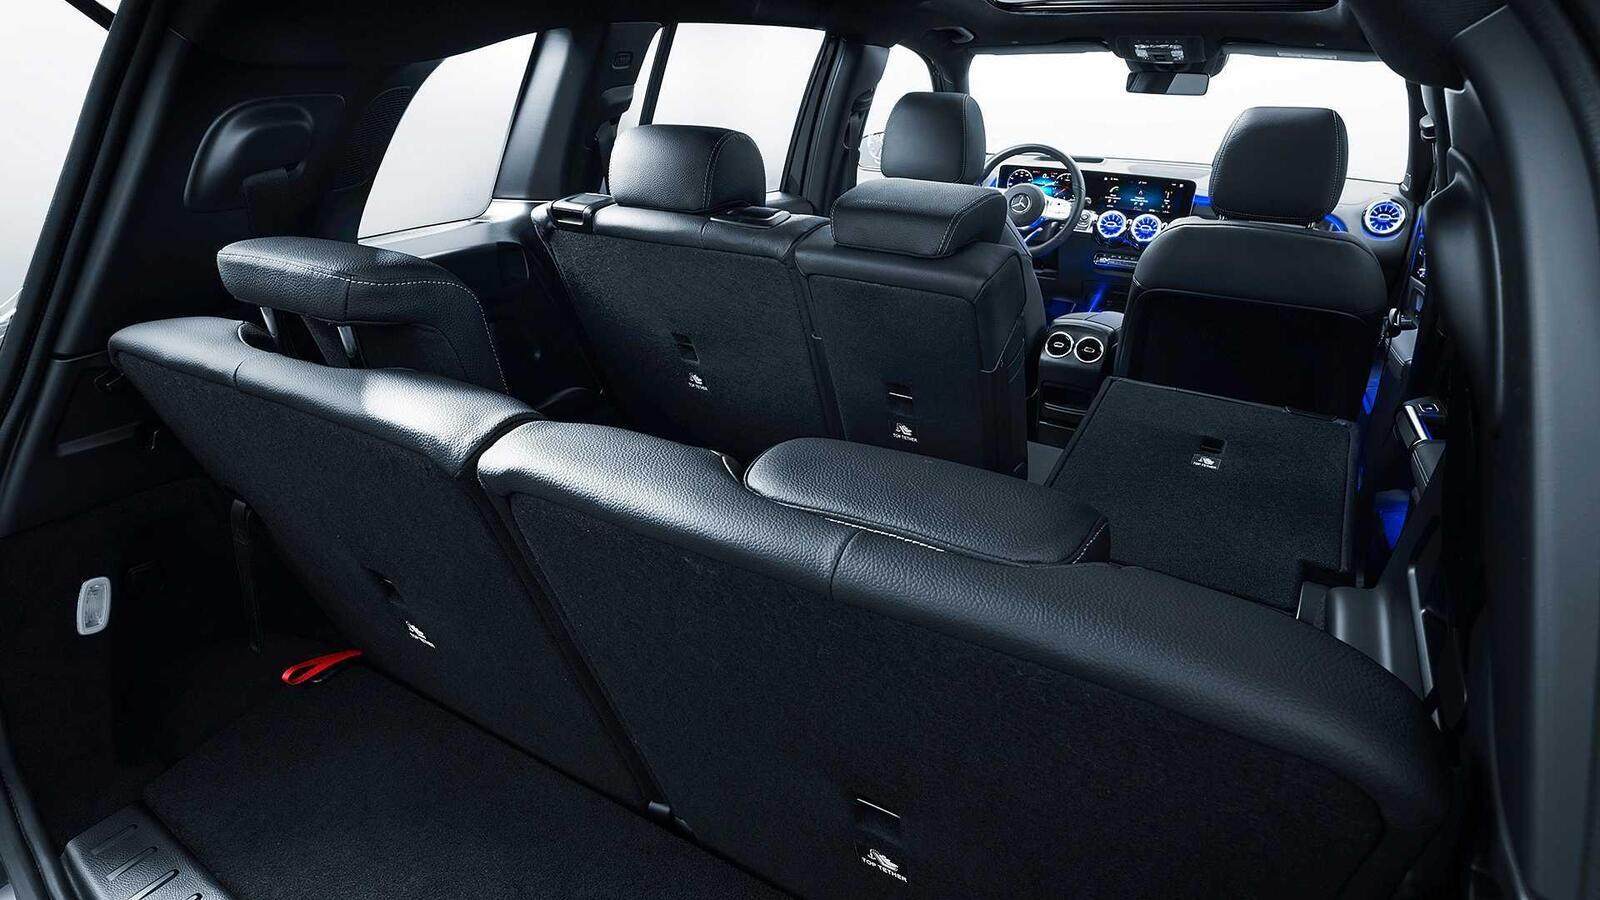 Mercedes-Benz GLB 2020 chính thức ra mắt: xe 7 chỗ dành cho gia đình - Hình 2